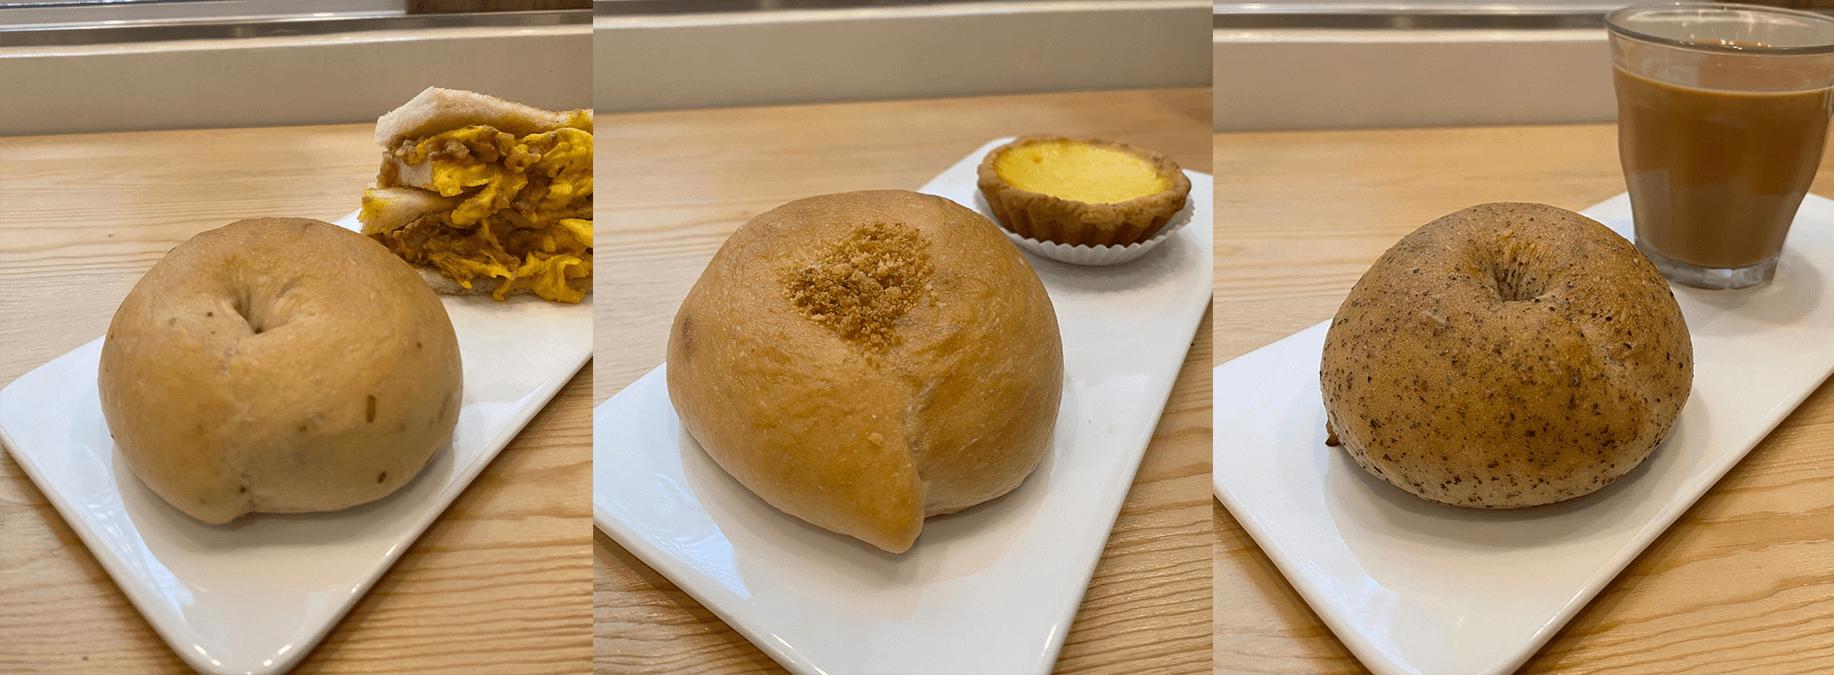 咖啡店Homing People在十 月份推出茶餐廳風味Bagel系列,共有三款口味,左起為。($85/1套3個)